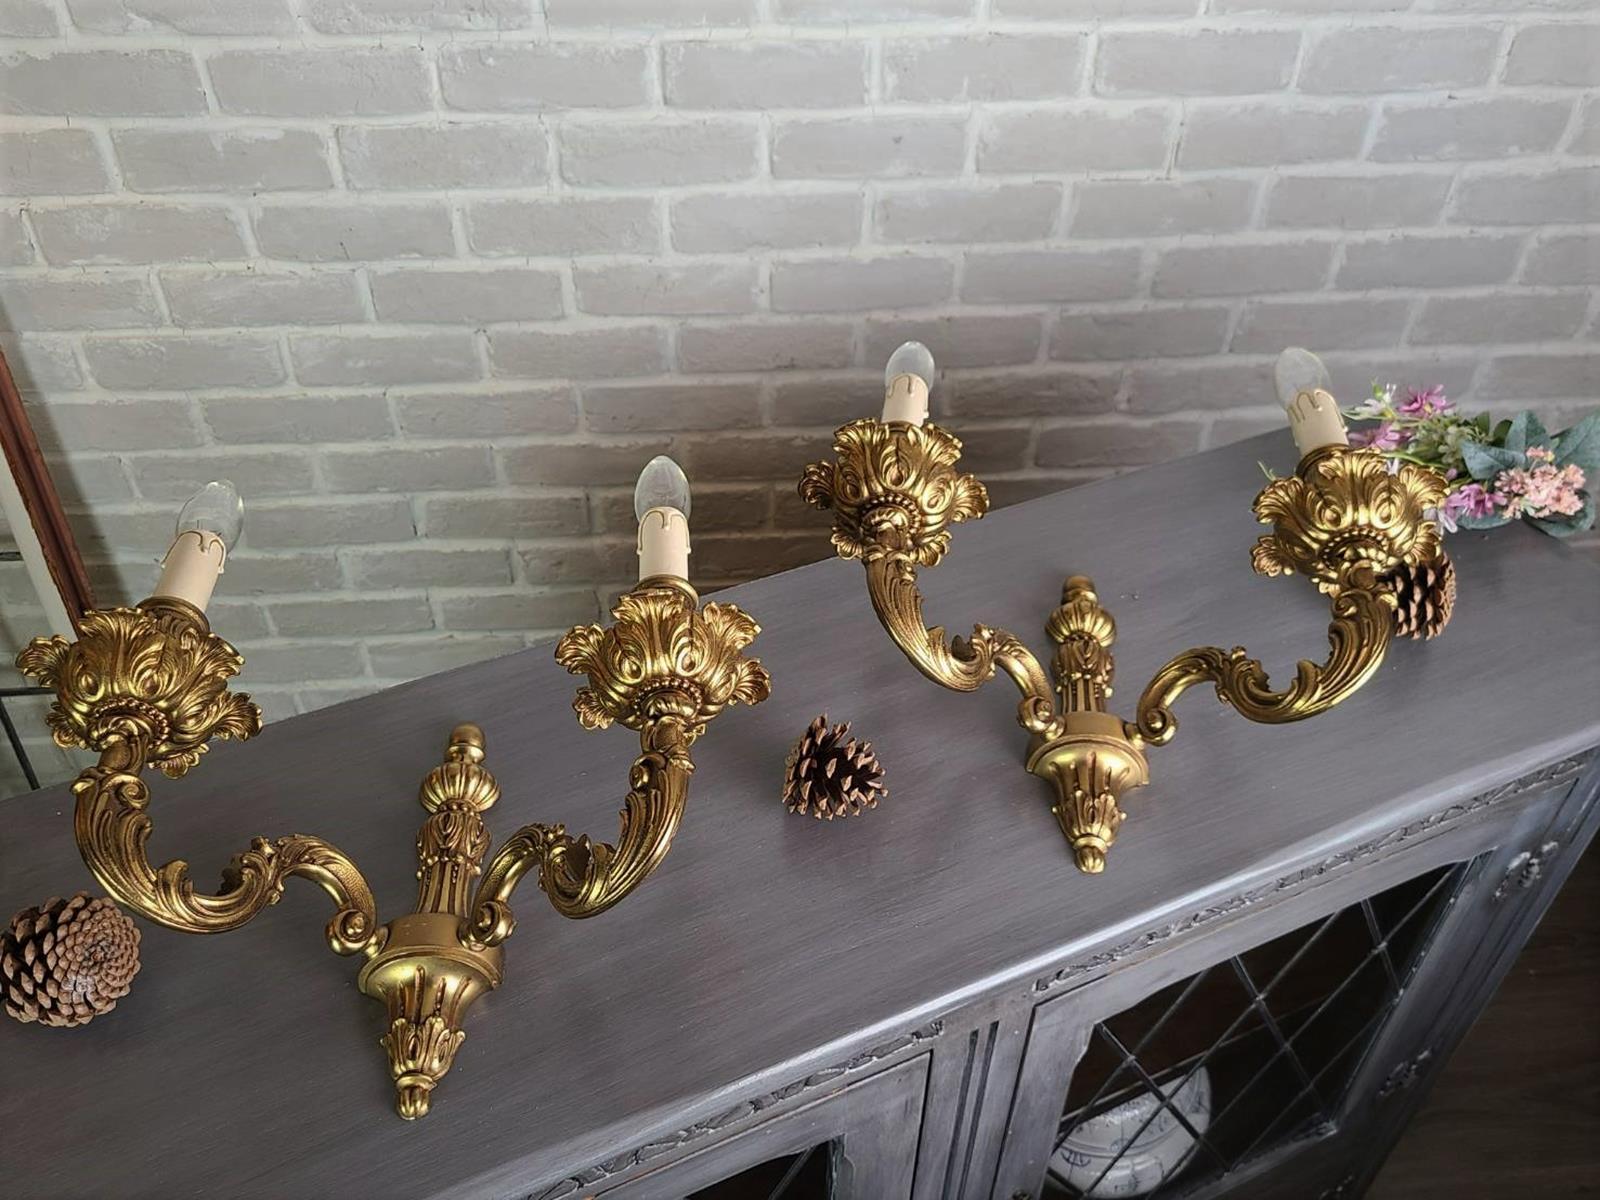 法國 純厚銅 花朵捲葉 高品質 壁燈 古董燈 古典壁燈 la0286